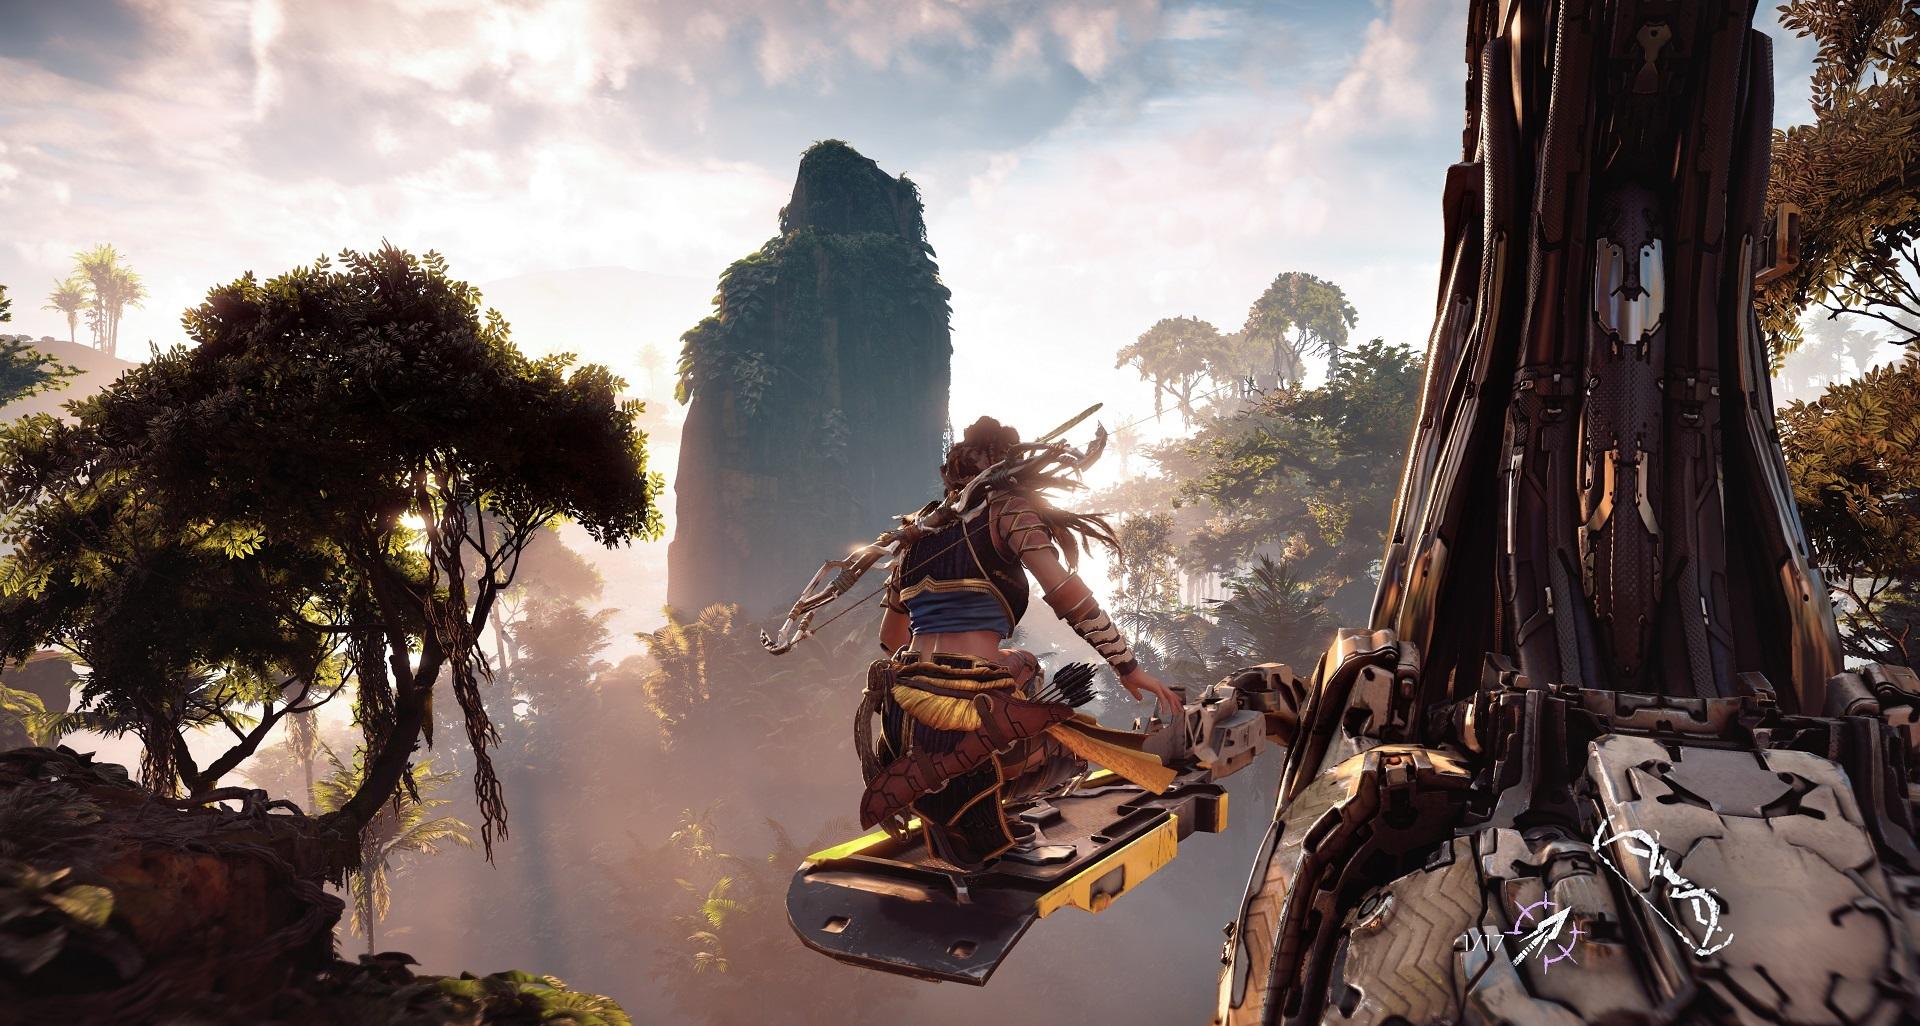 شان لیدن: بازیهای با کیفیت جدید ممکن است در هر زمانی از سال منتشر شوند